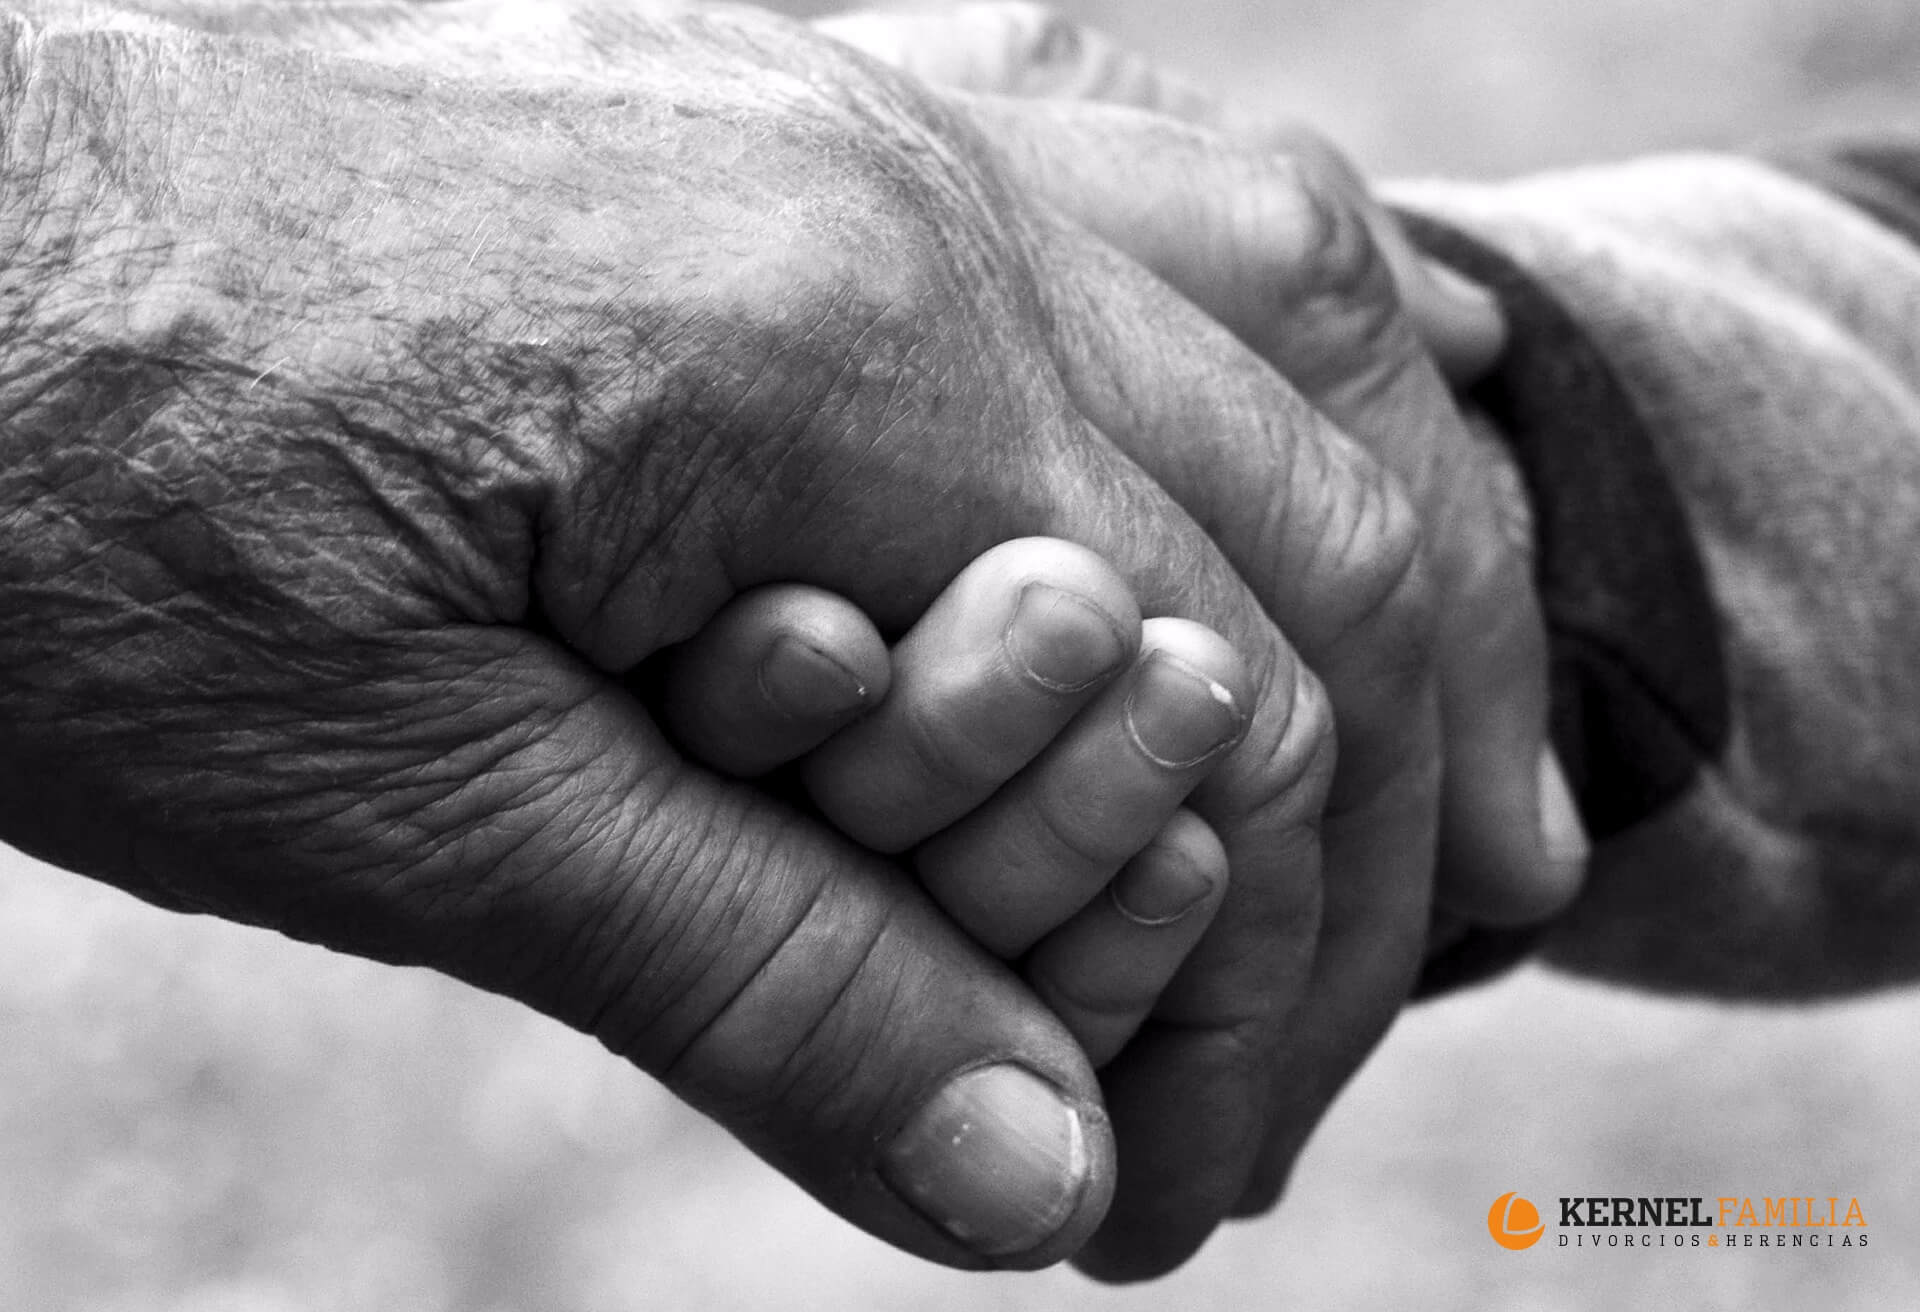 custodia menores abuelos cuidados